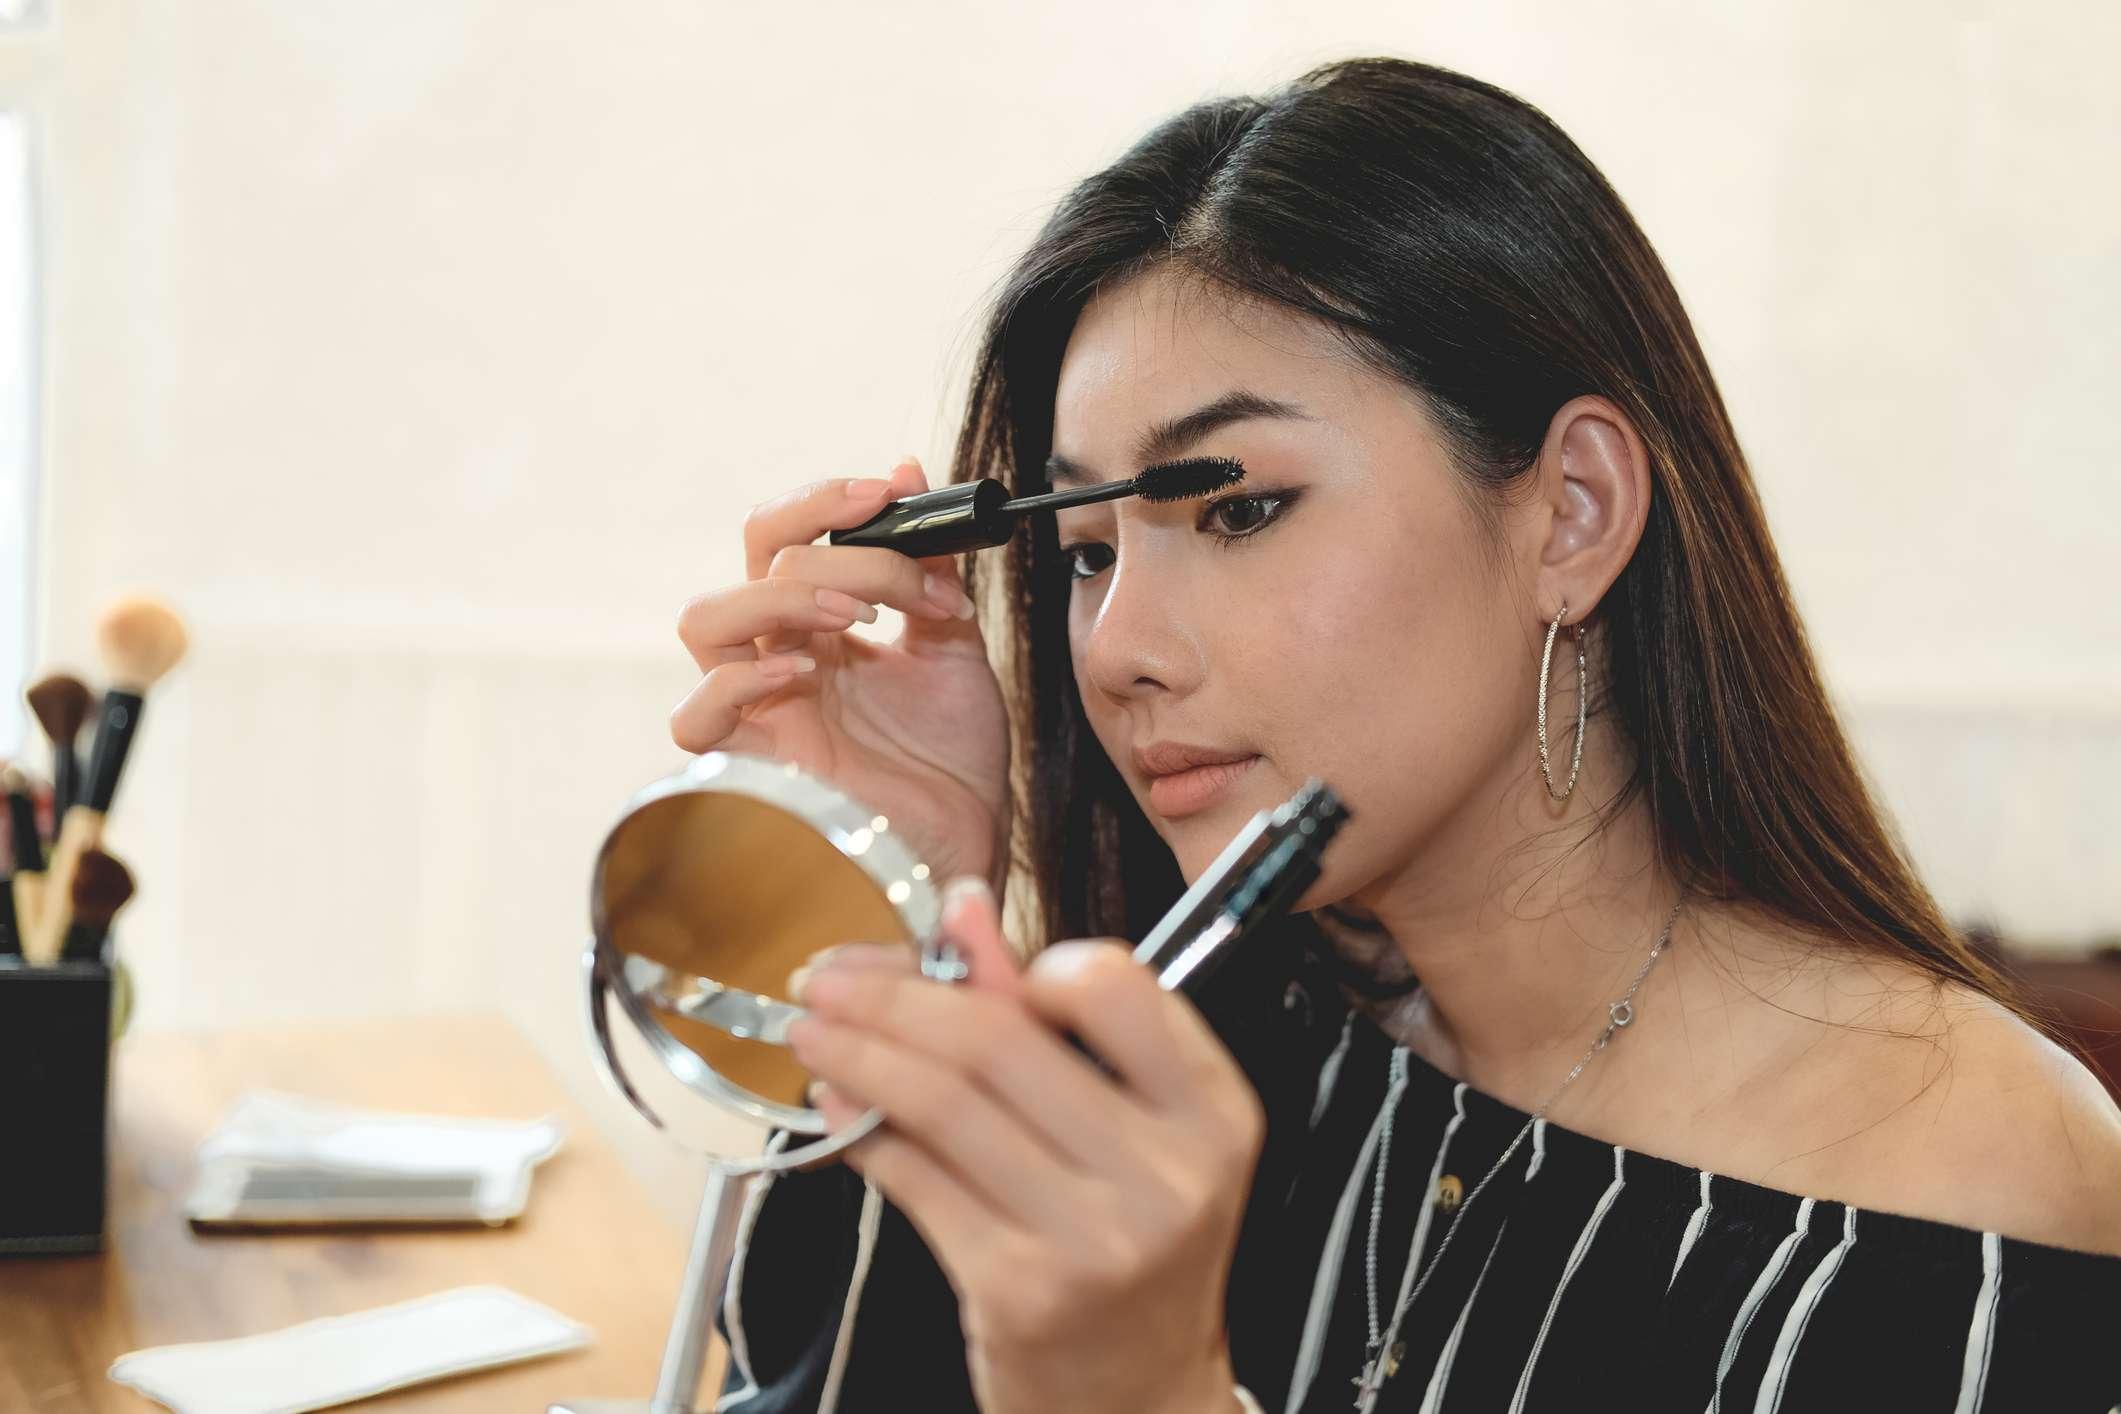 A young Asian woman applies mascara in a mirror.